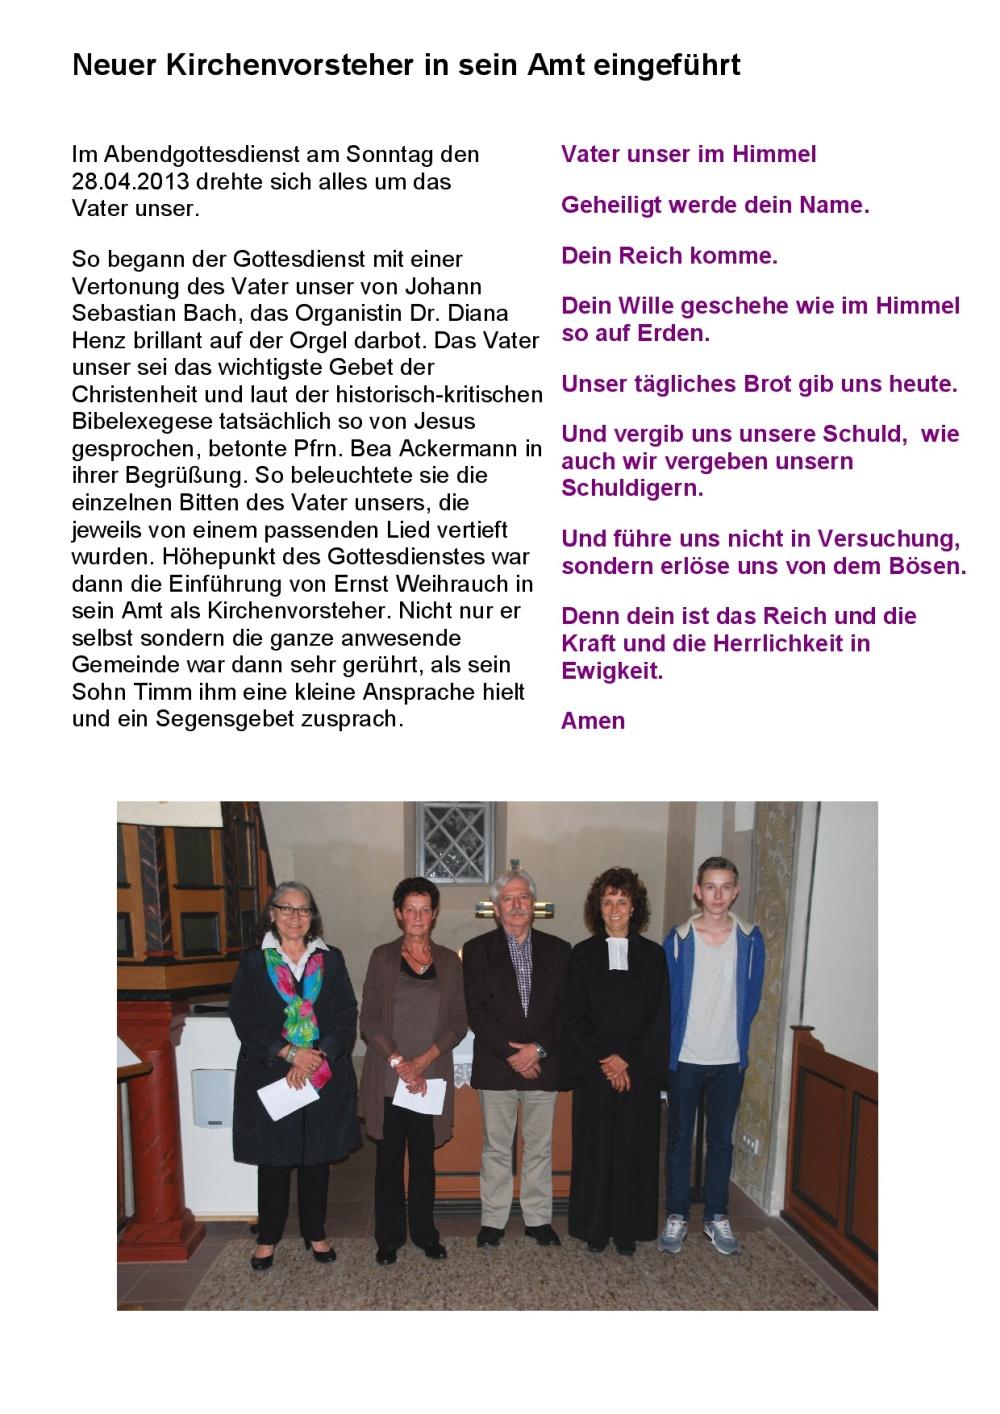 14-Einführung Ernst Weihrauch 28.04.13-001